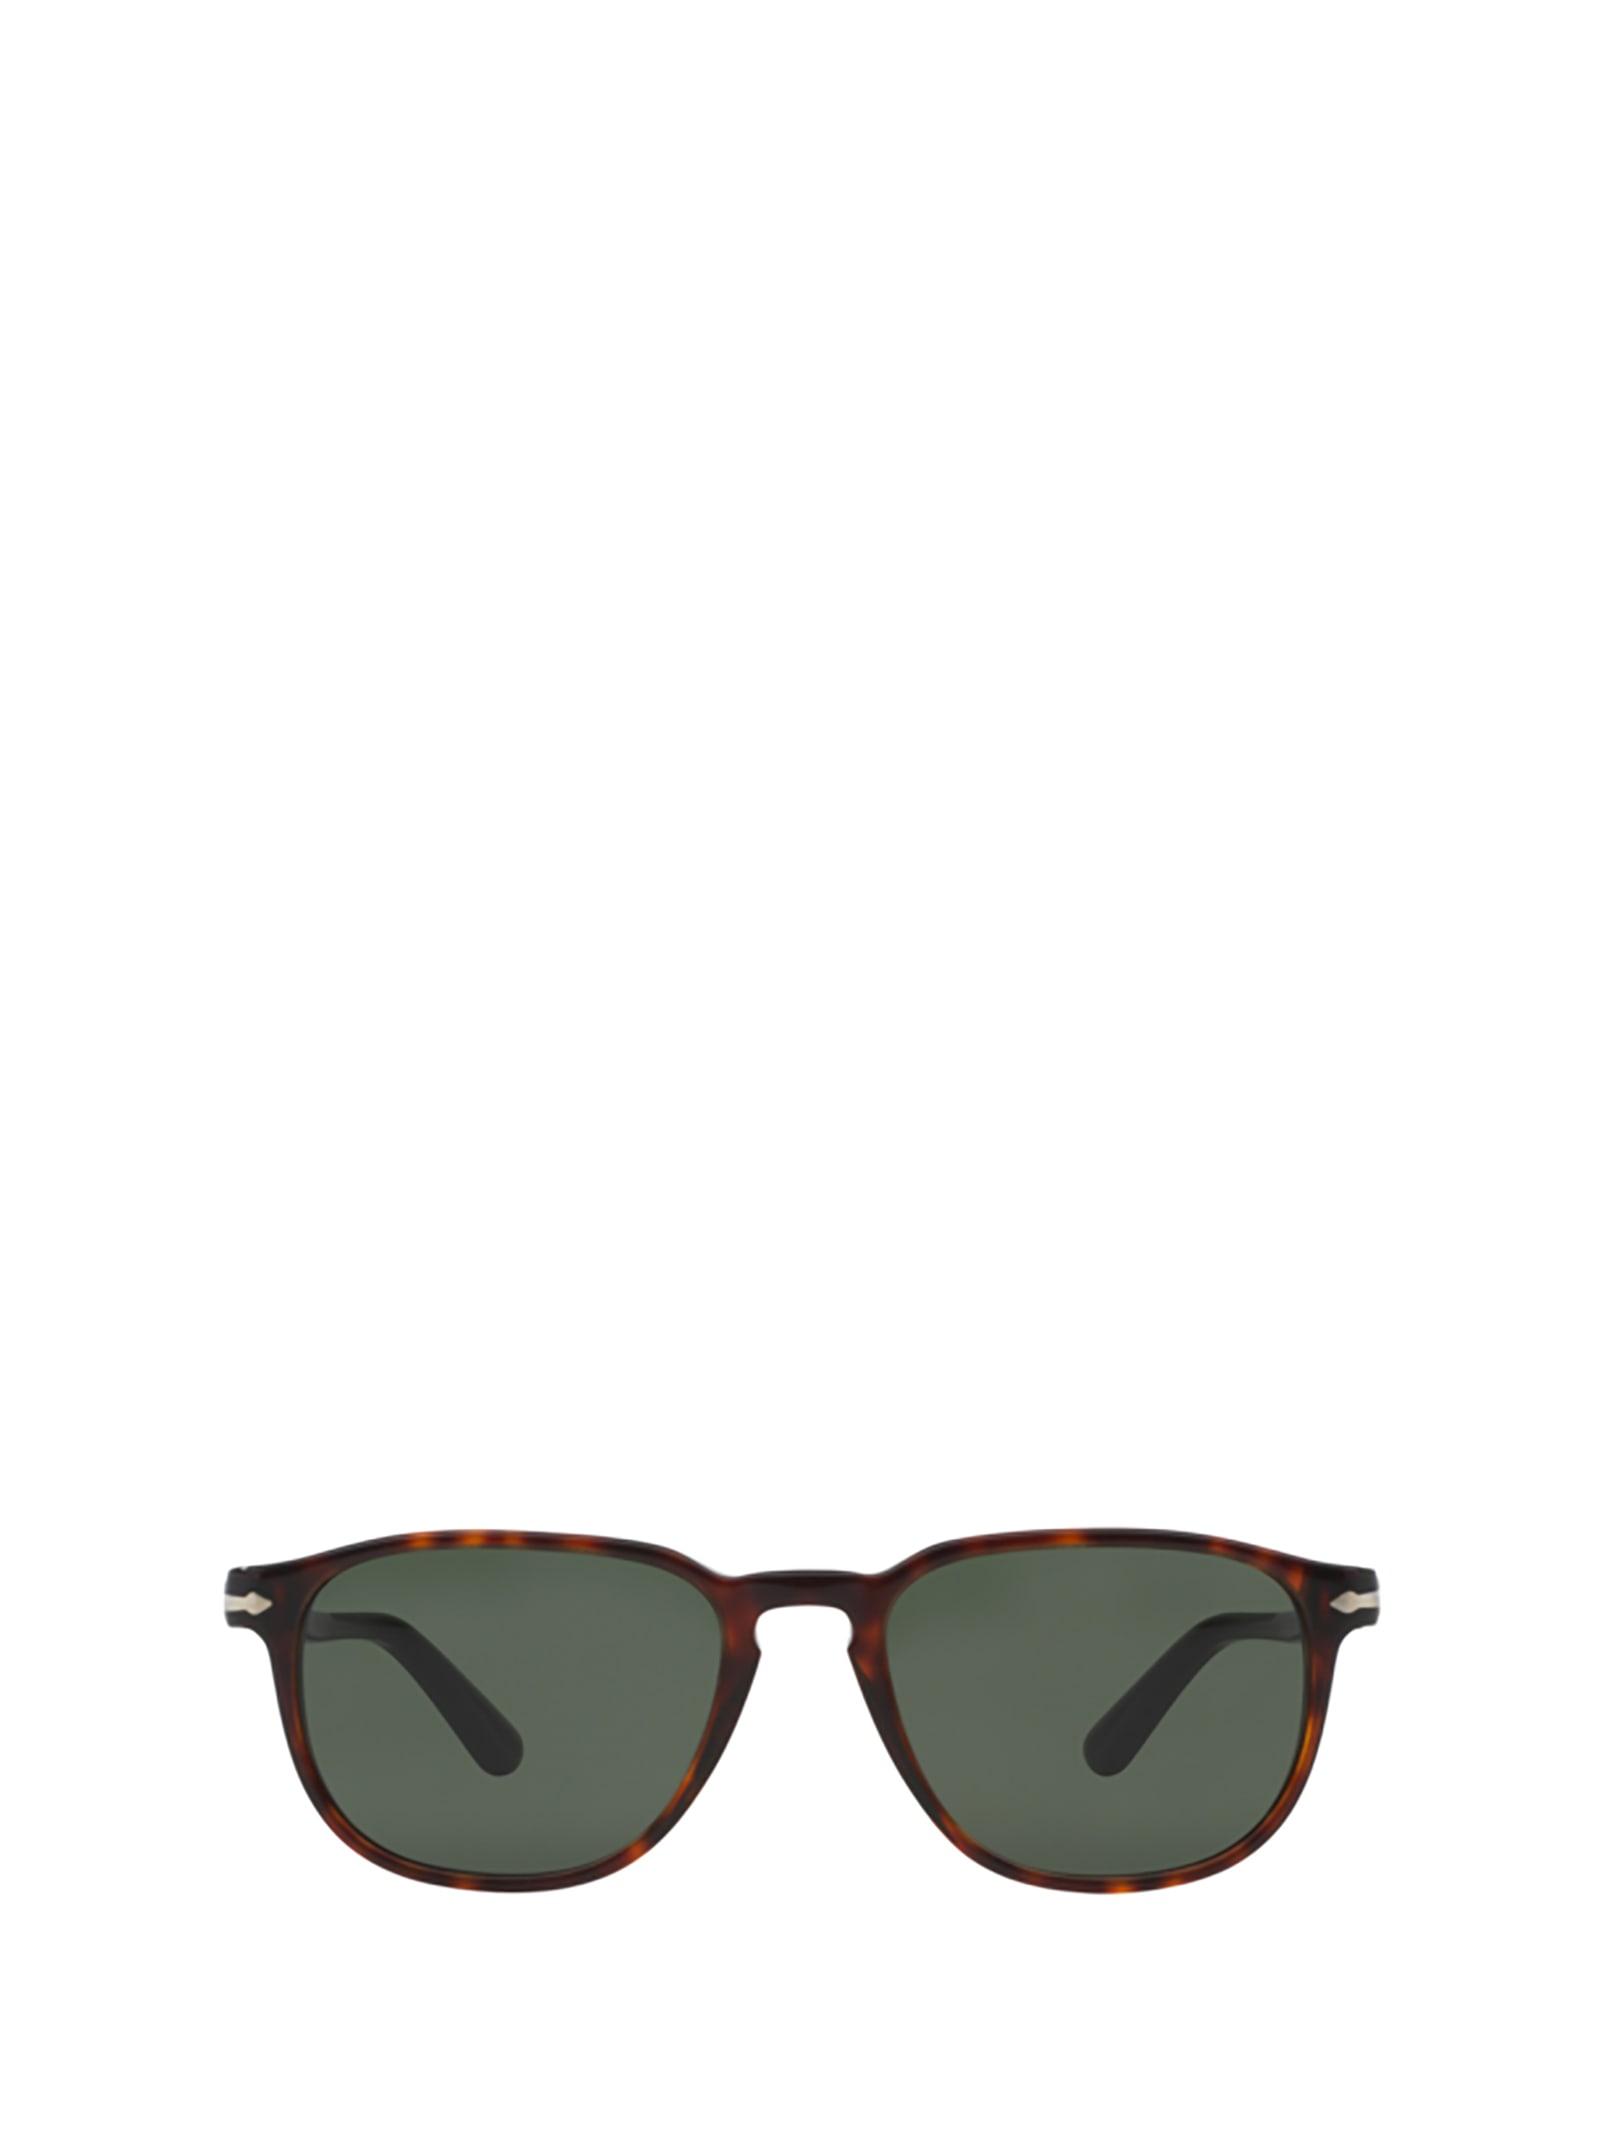 Persol Po3019s Havana Sunglasses